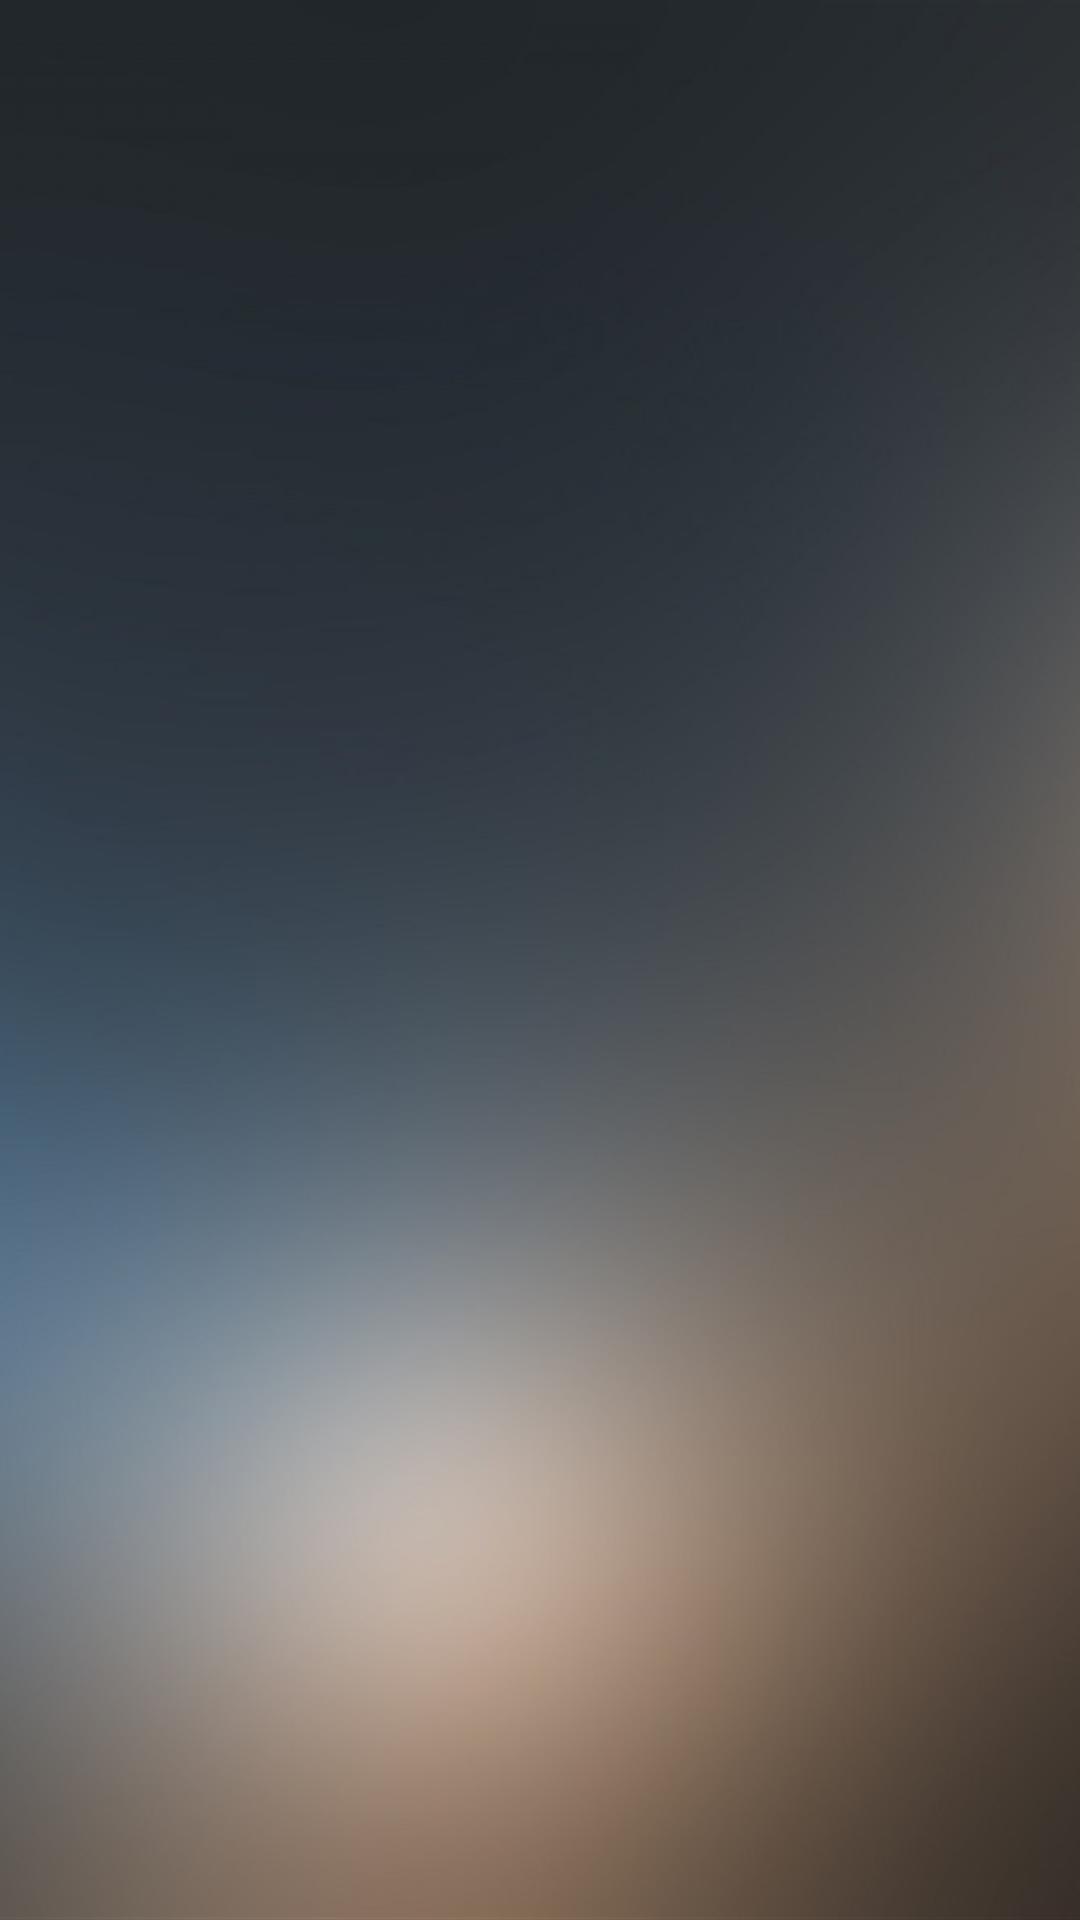 iphone 21 wallpaper hd,himmel,blau,atmosphäre,tagsüber,wolke ...